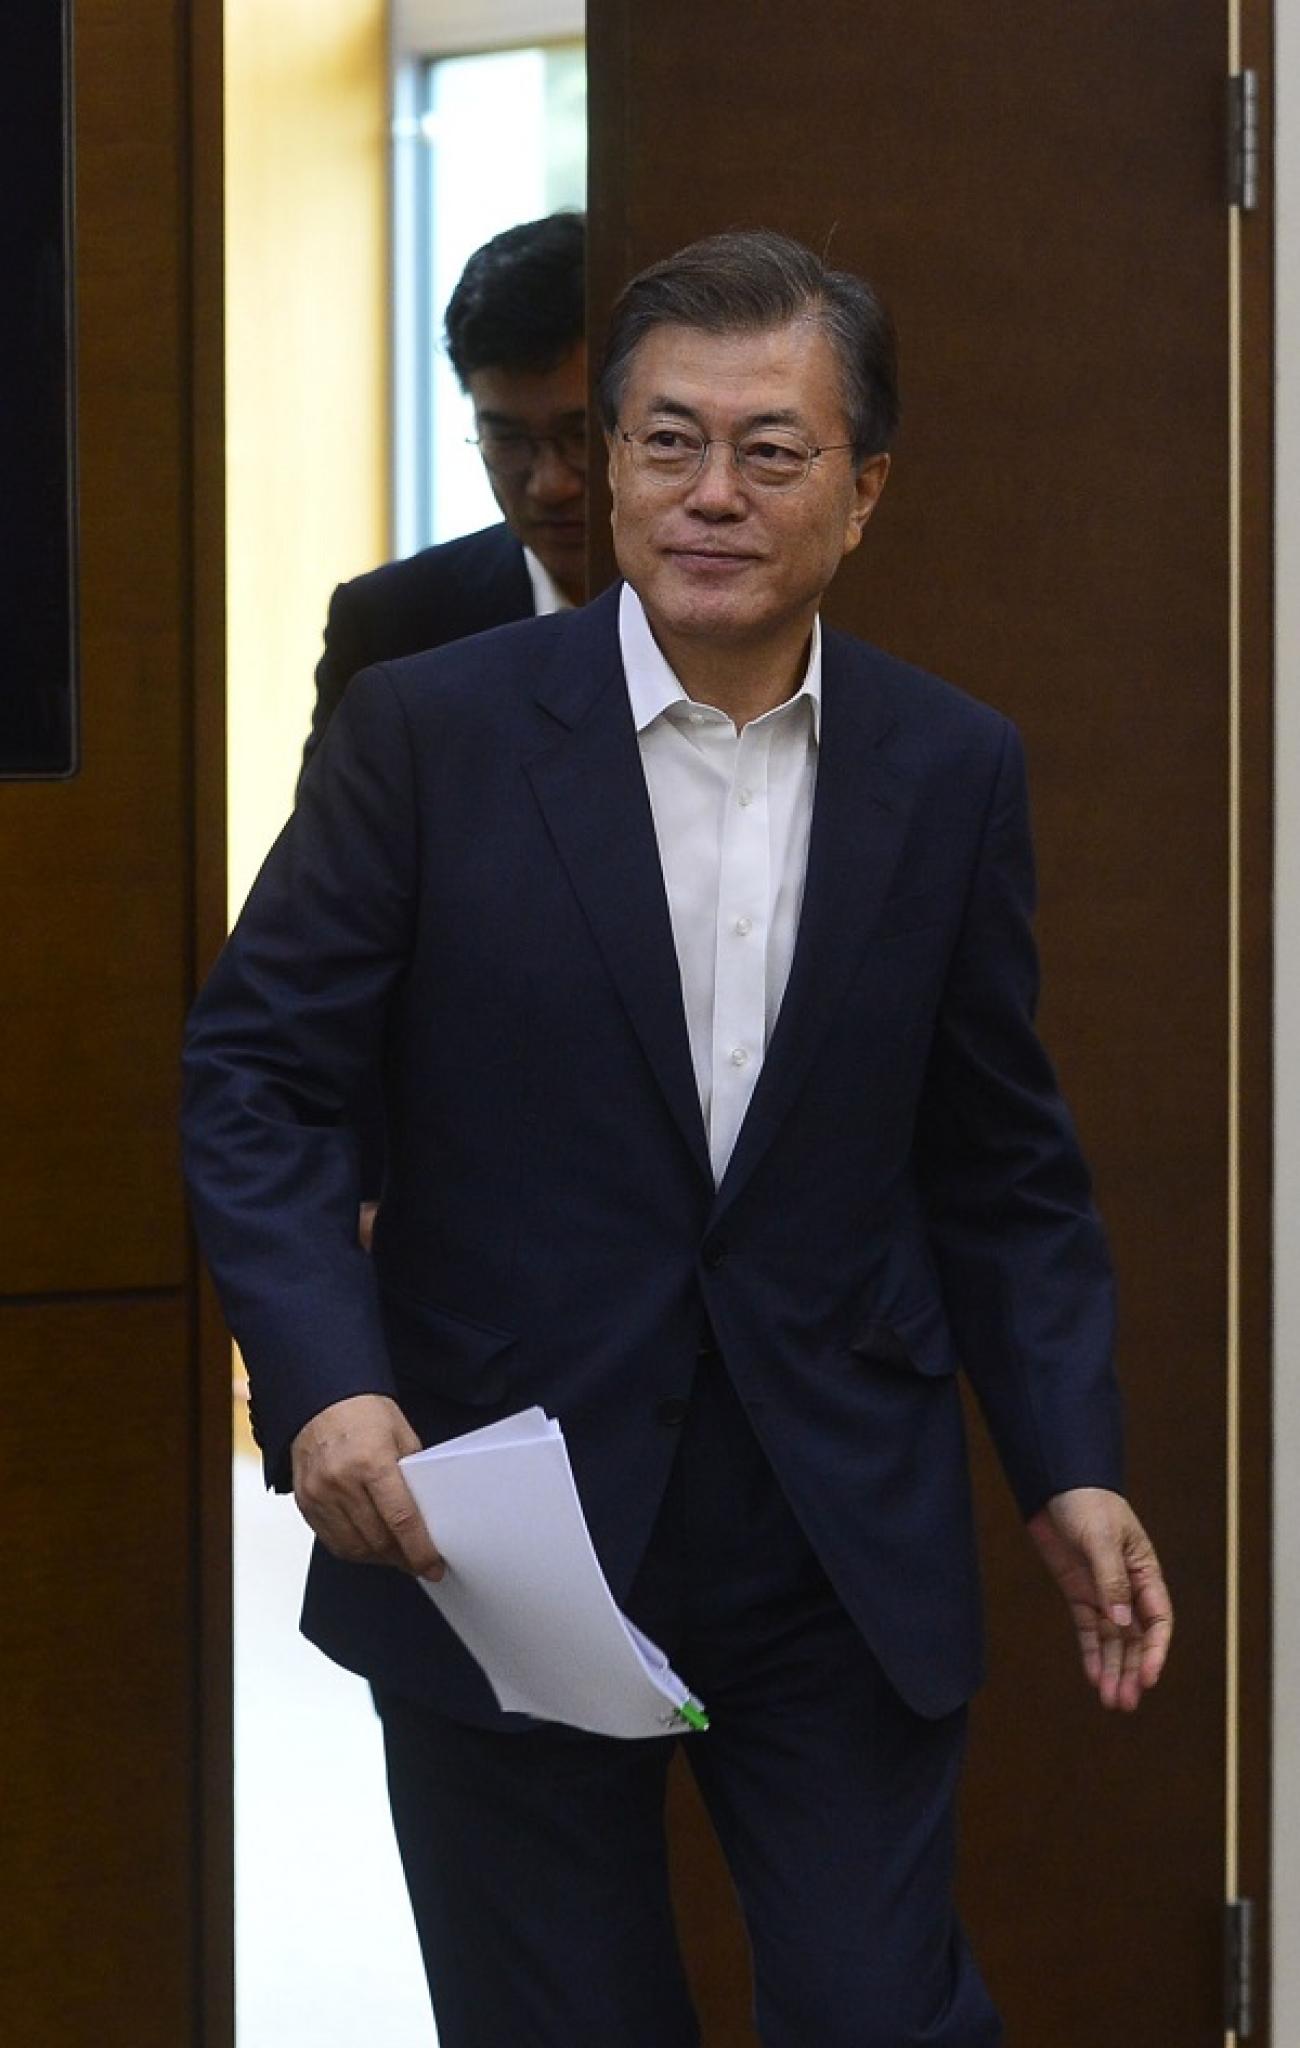 문재인 대통령이 지난 10일 수석 보좌관회의가 열리는 청와대 여민관 소회의실에 입장하고 있다. /사진=뉴시스